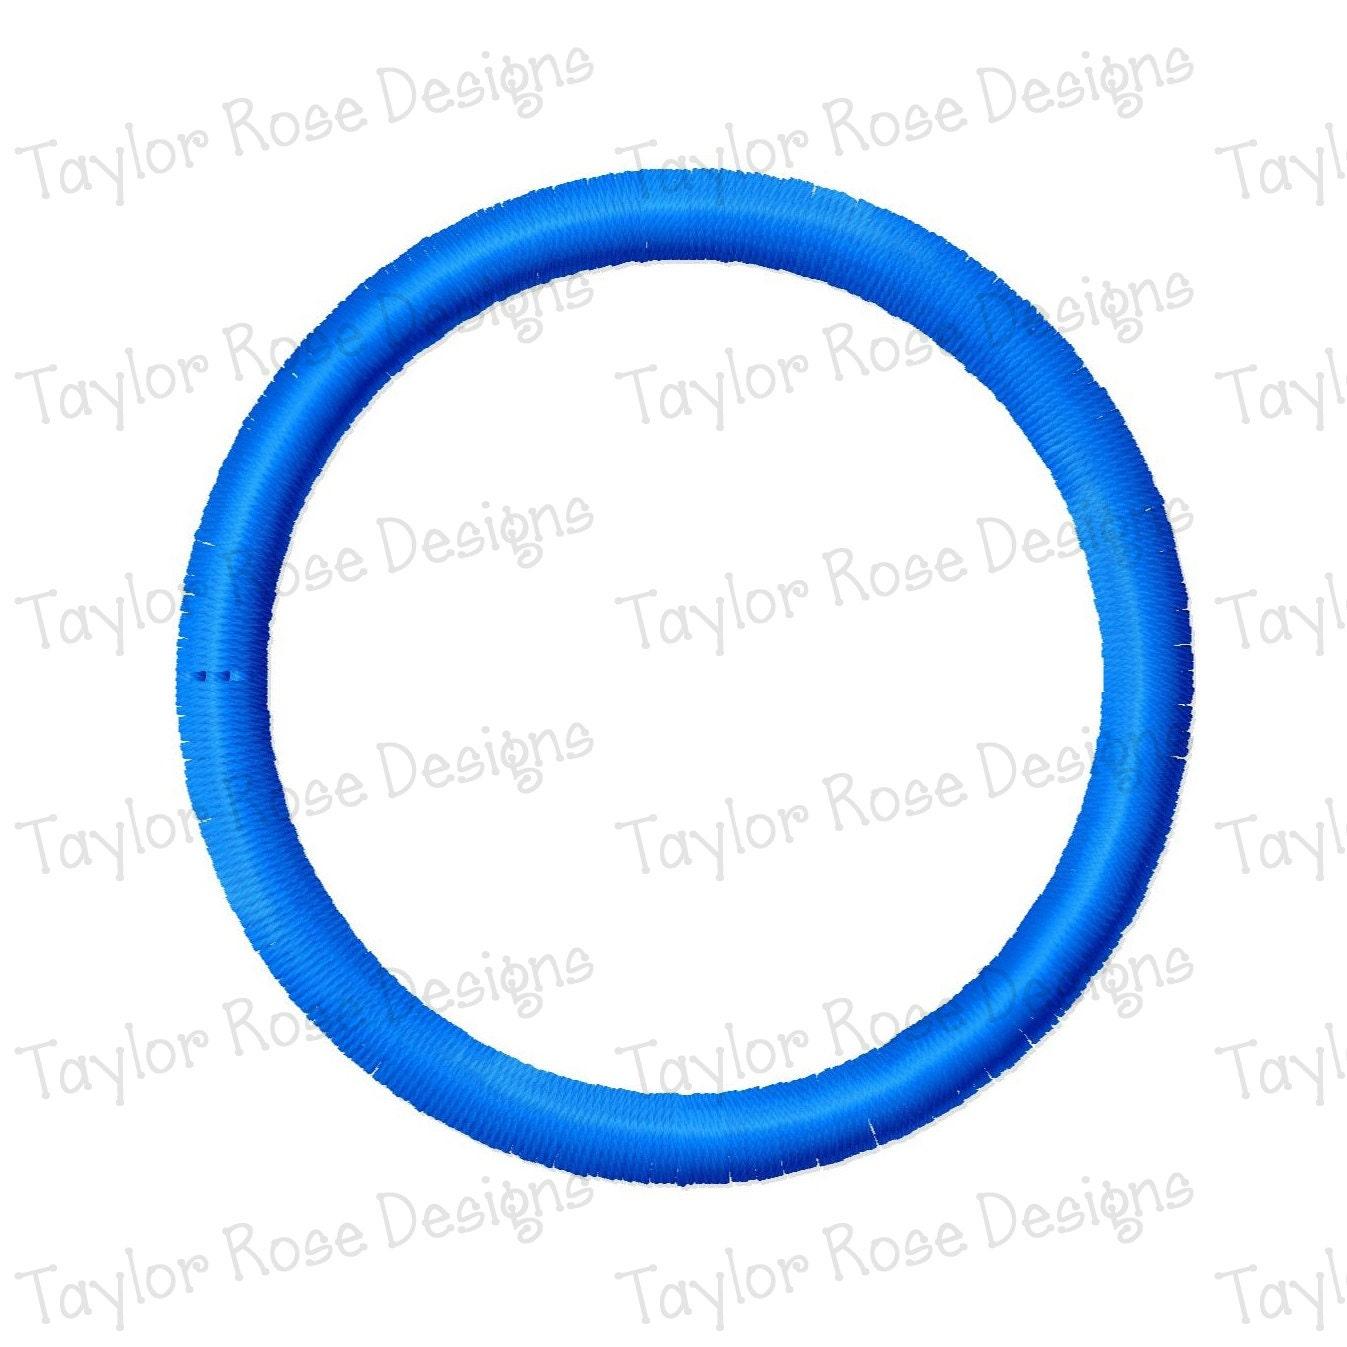 Diseño de círculo bordado de máquina de apliques de 1 x 1 2 x